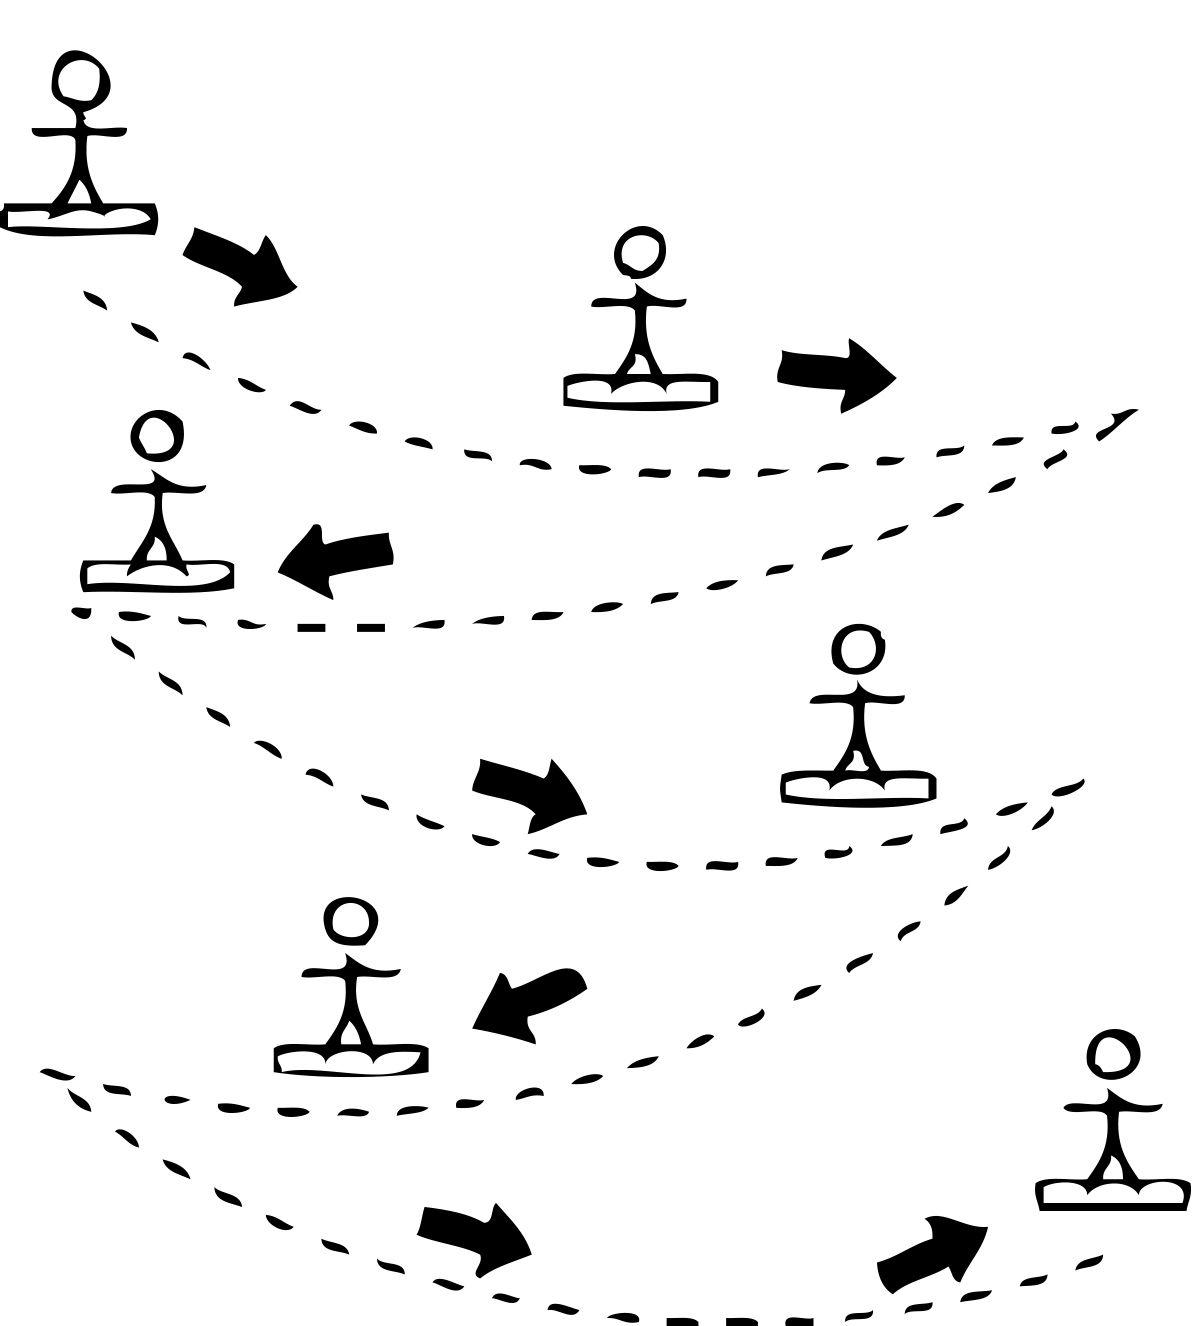 Placa zapada Slideboard